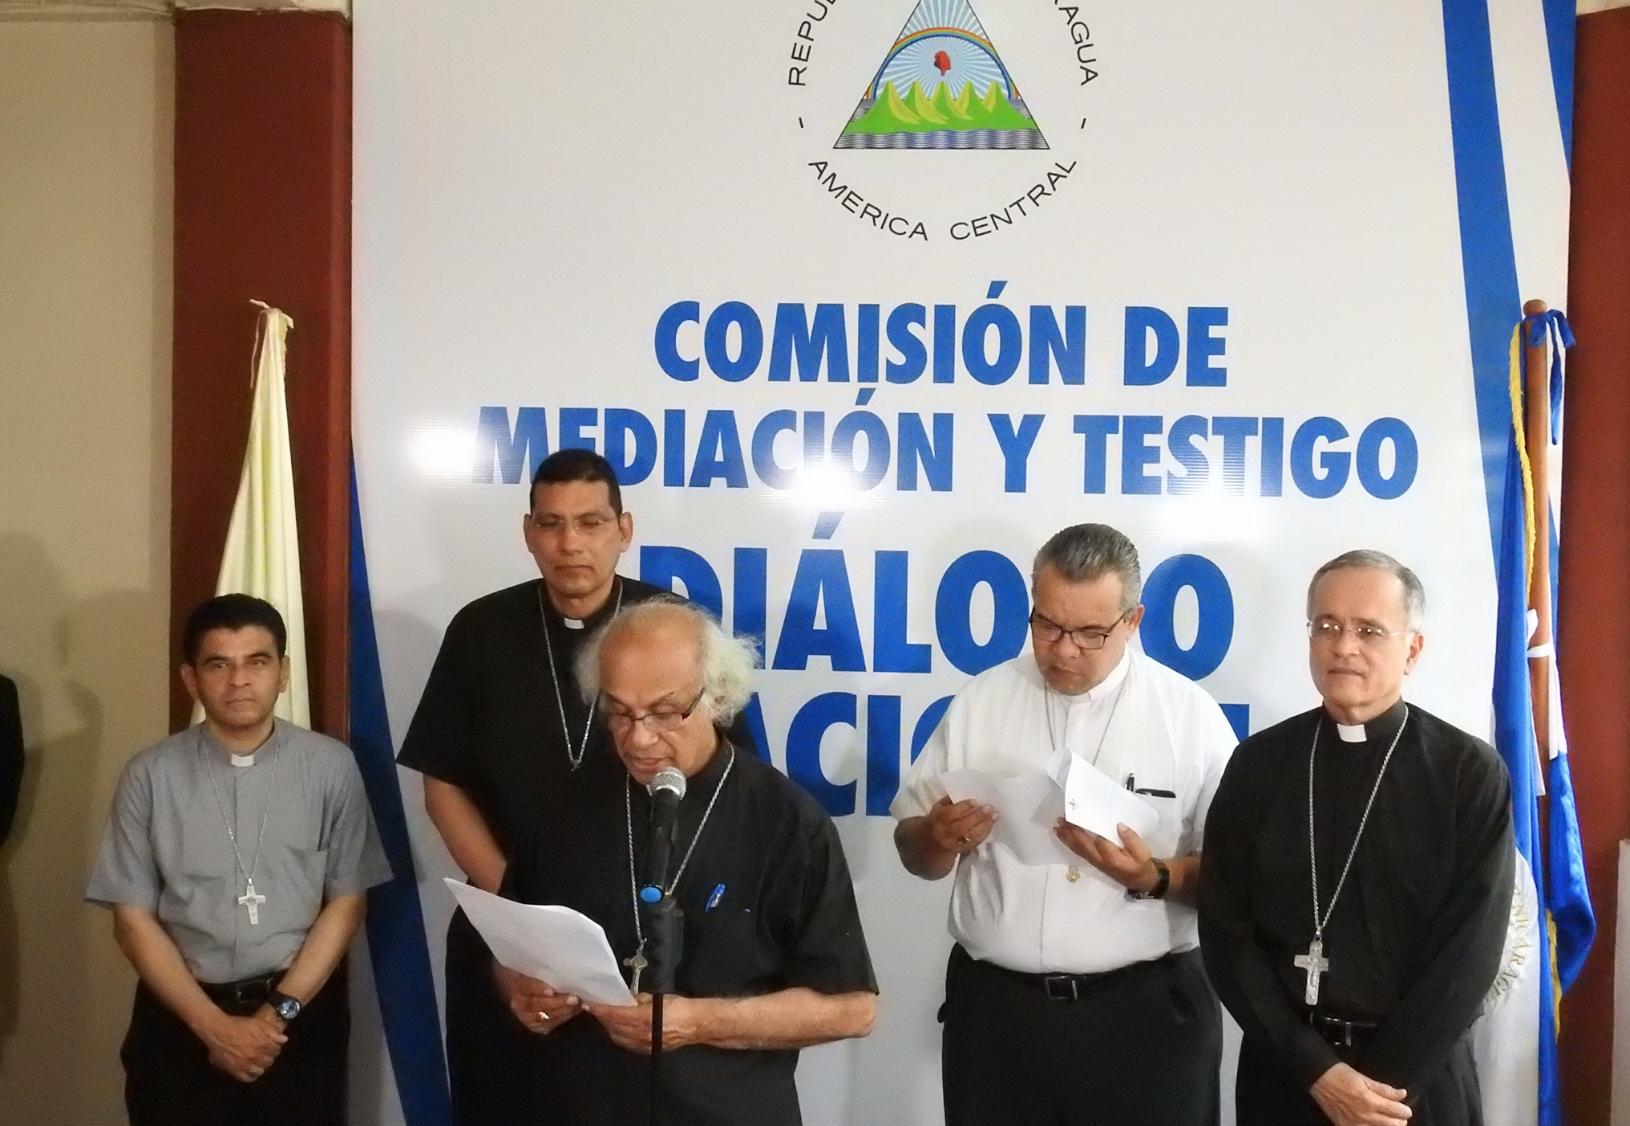 El régimen de Daniel Ortega tiene un par de horas para cumplir con estos requerimientos mínimos